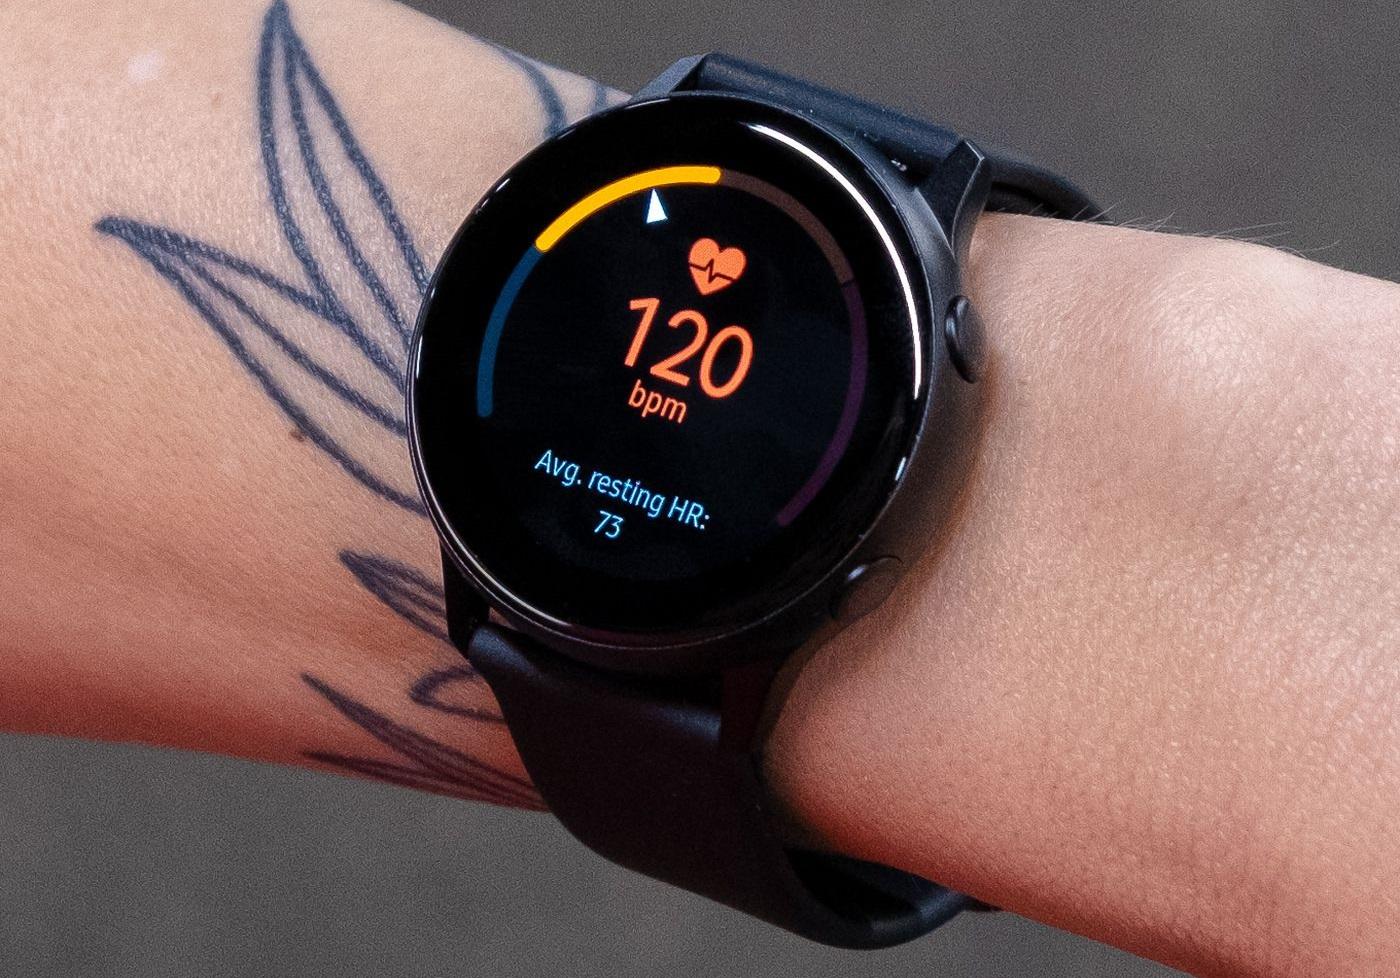 Đi sau Apple trong mảng smartwatch, các nhà sản xuất Android đã để lỡ một cơ hội quan trọng trong lúc dịch bệnh khó khăn - Ảnh 3.